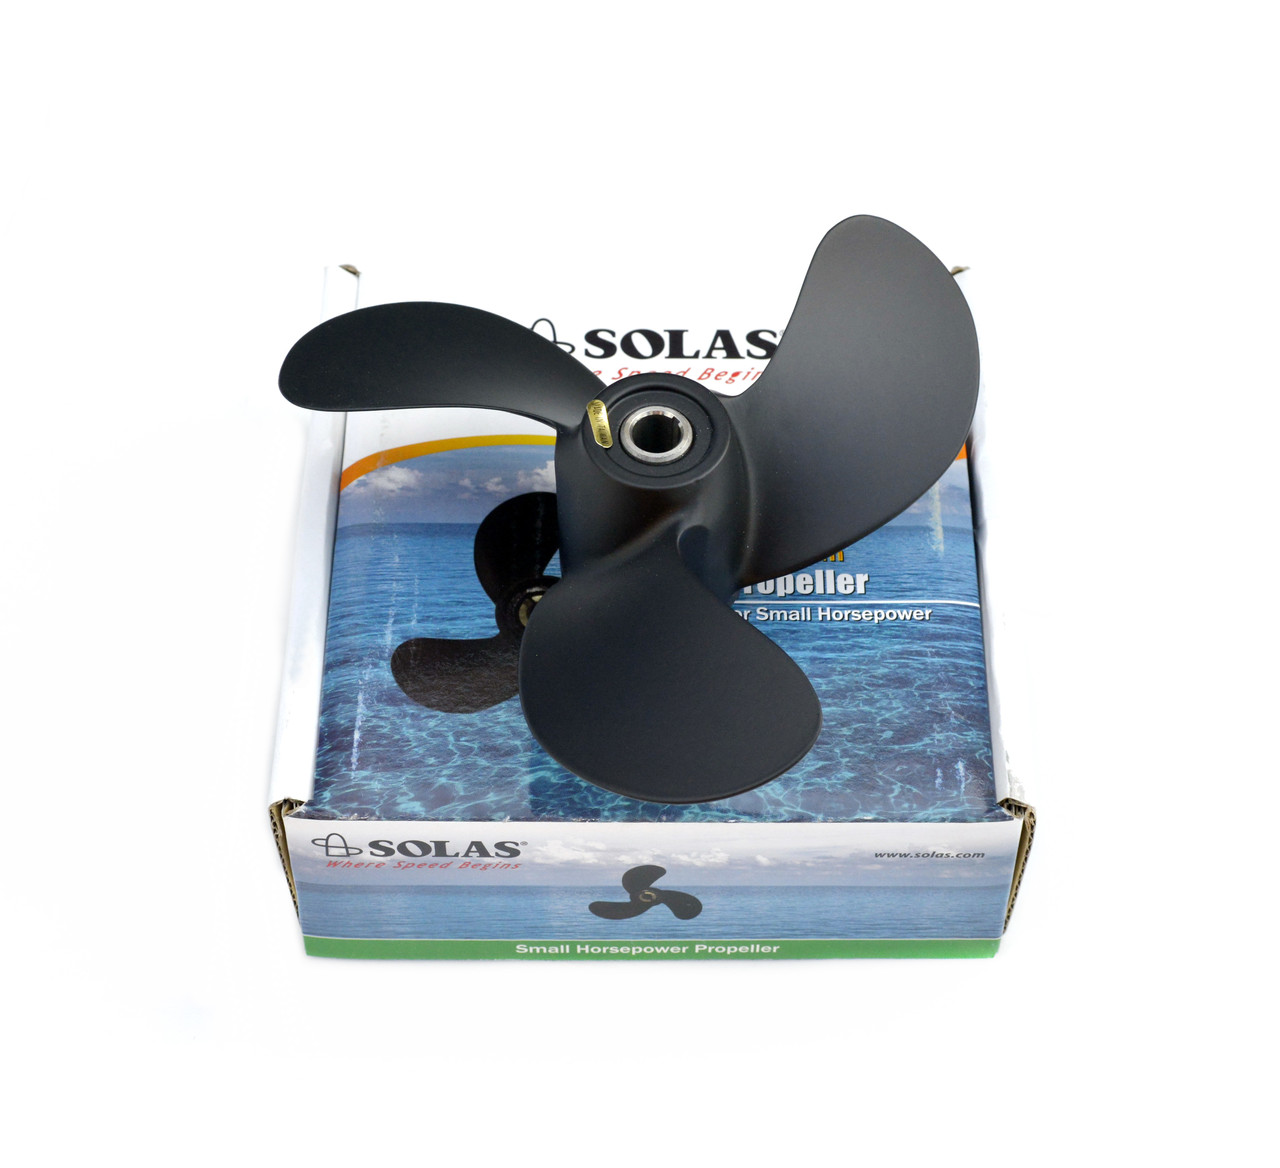 Solas пластиковий гребний гвинт для човнової мотора Honda 2-2.3 к. с. Honda BF2.3